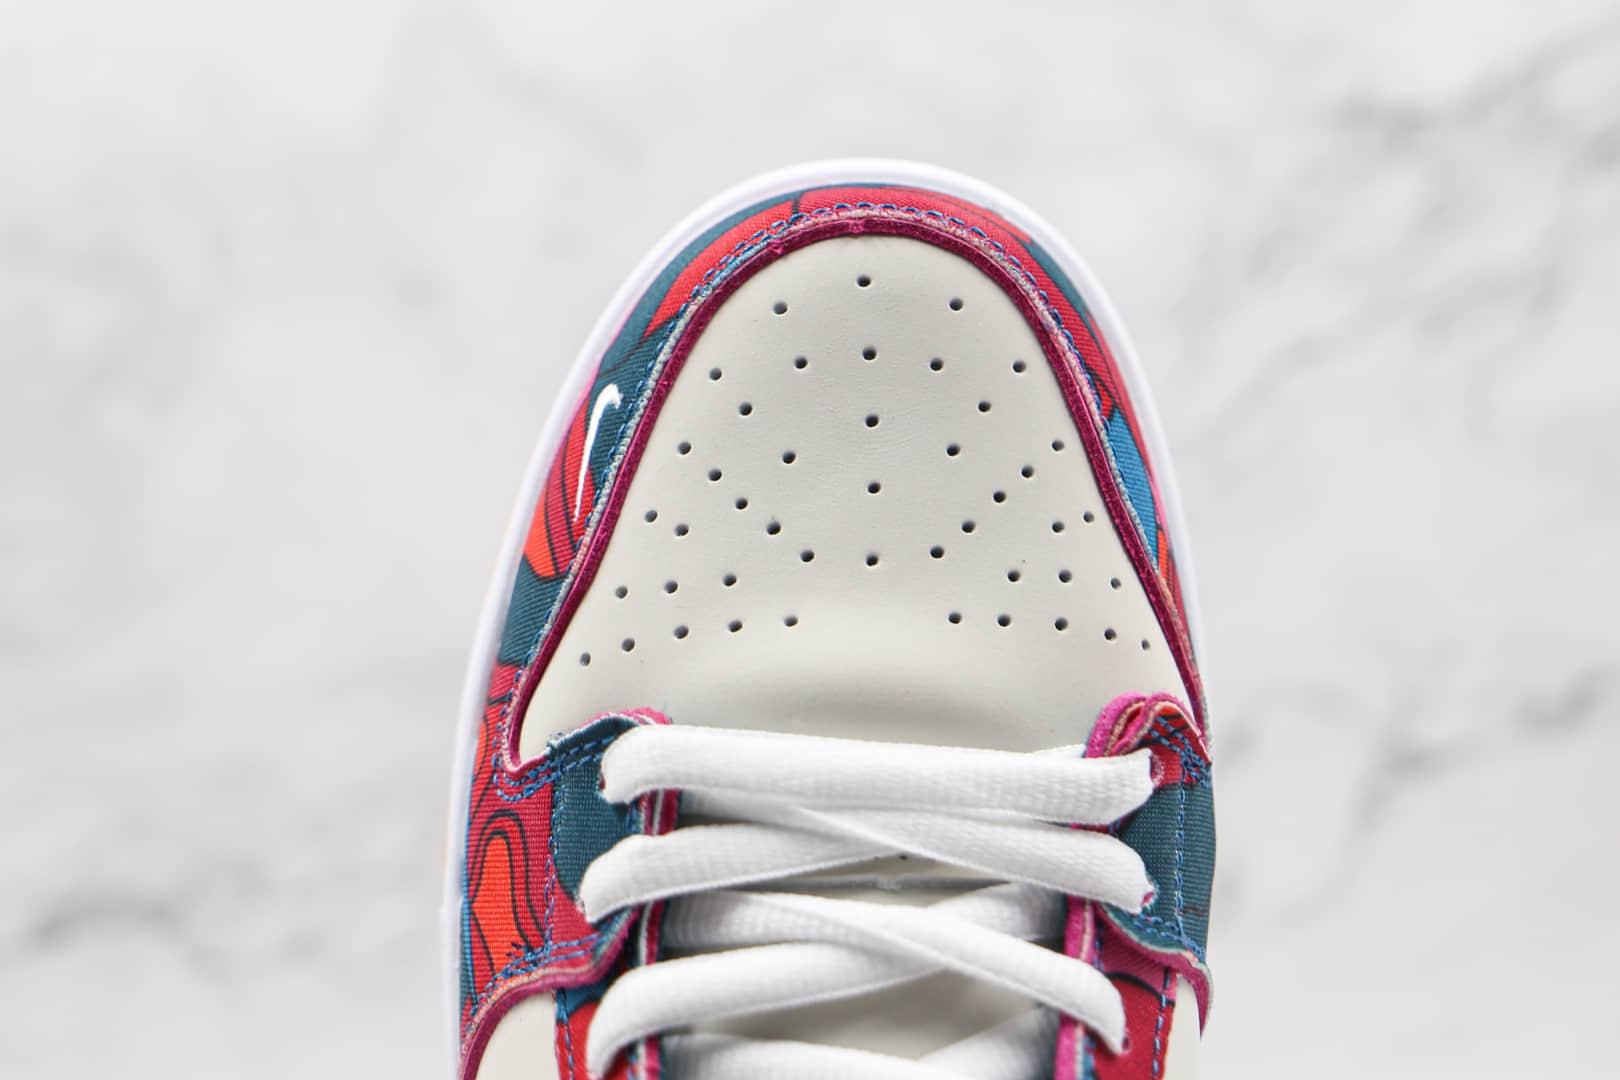 耐克Nike SB Zoom Dunk Low x parra联名款纯原版本低帮SB DUNK迷彩涂鸦板鞋内置气垫 货号:DH7695-600